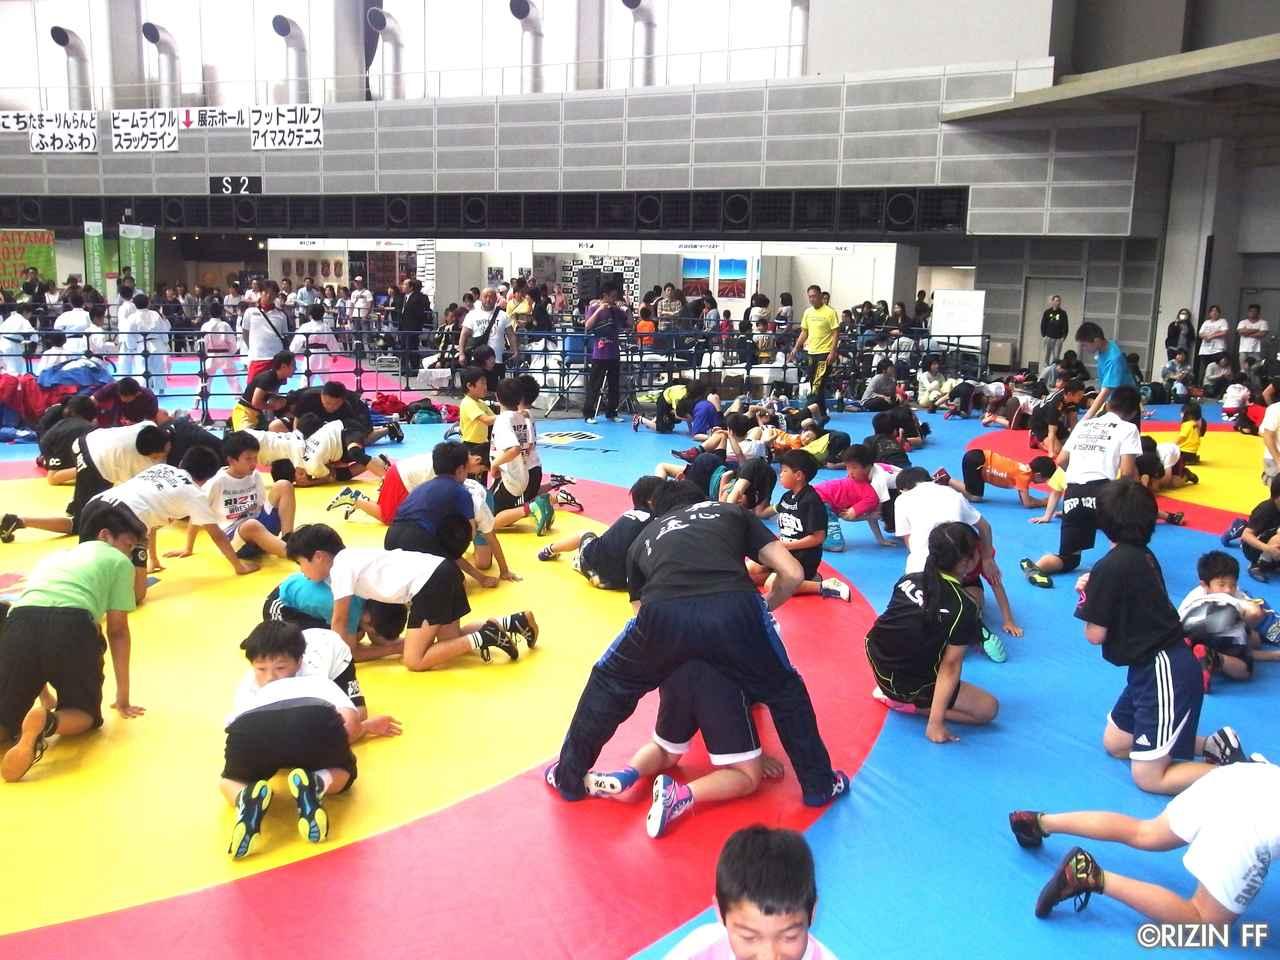 画像7: リオ五輪銀メダリストの太田忍が200人のちびっこたちにレスリングを指導!第2回RIZINレスリングキャンプ大盛況!!